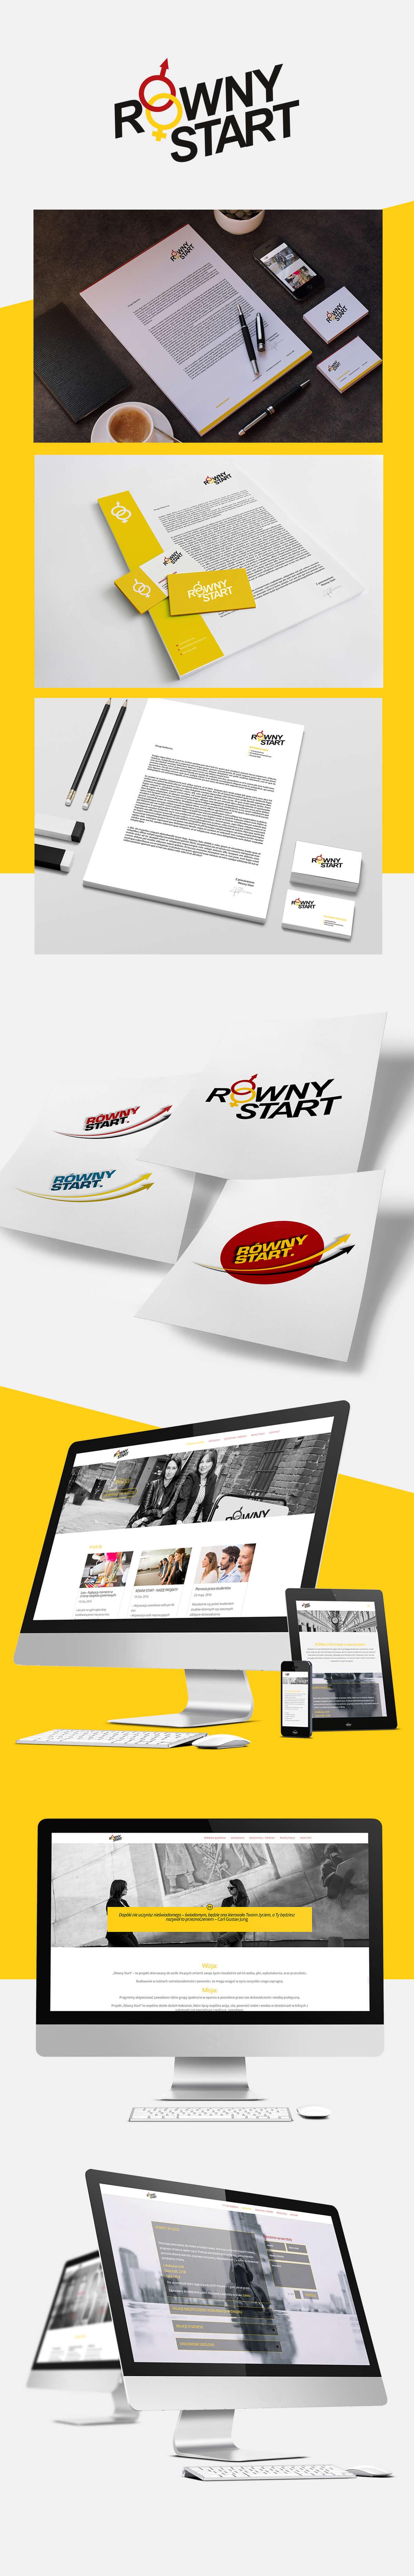 rowny_start-SHOWCASE-jakub_slusarczyk